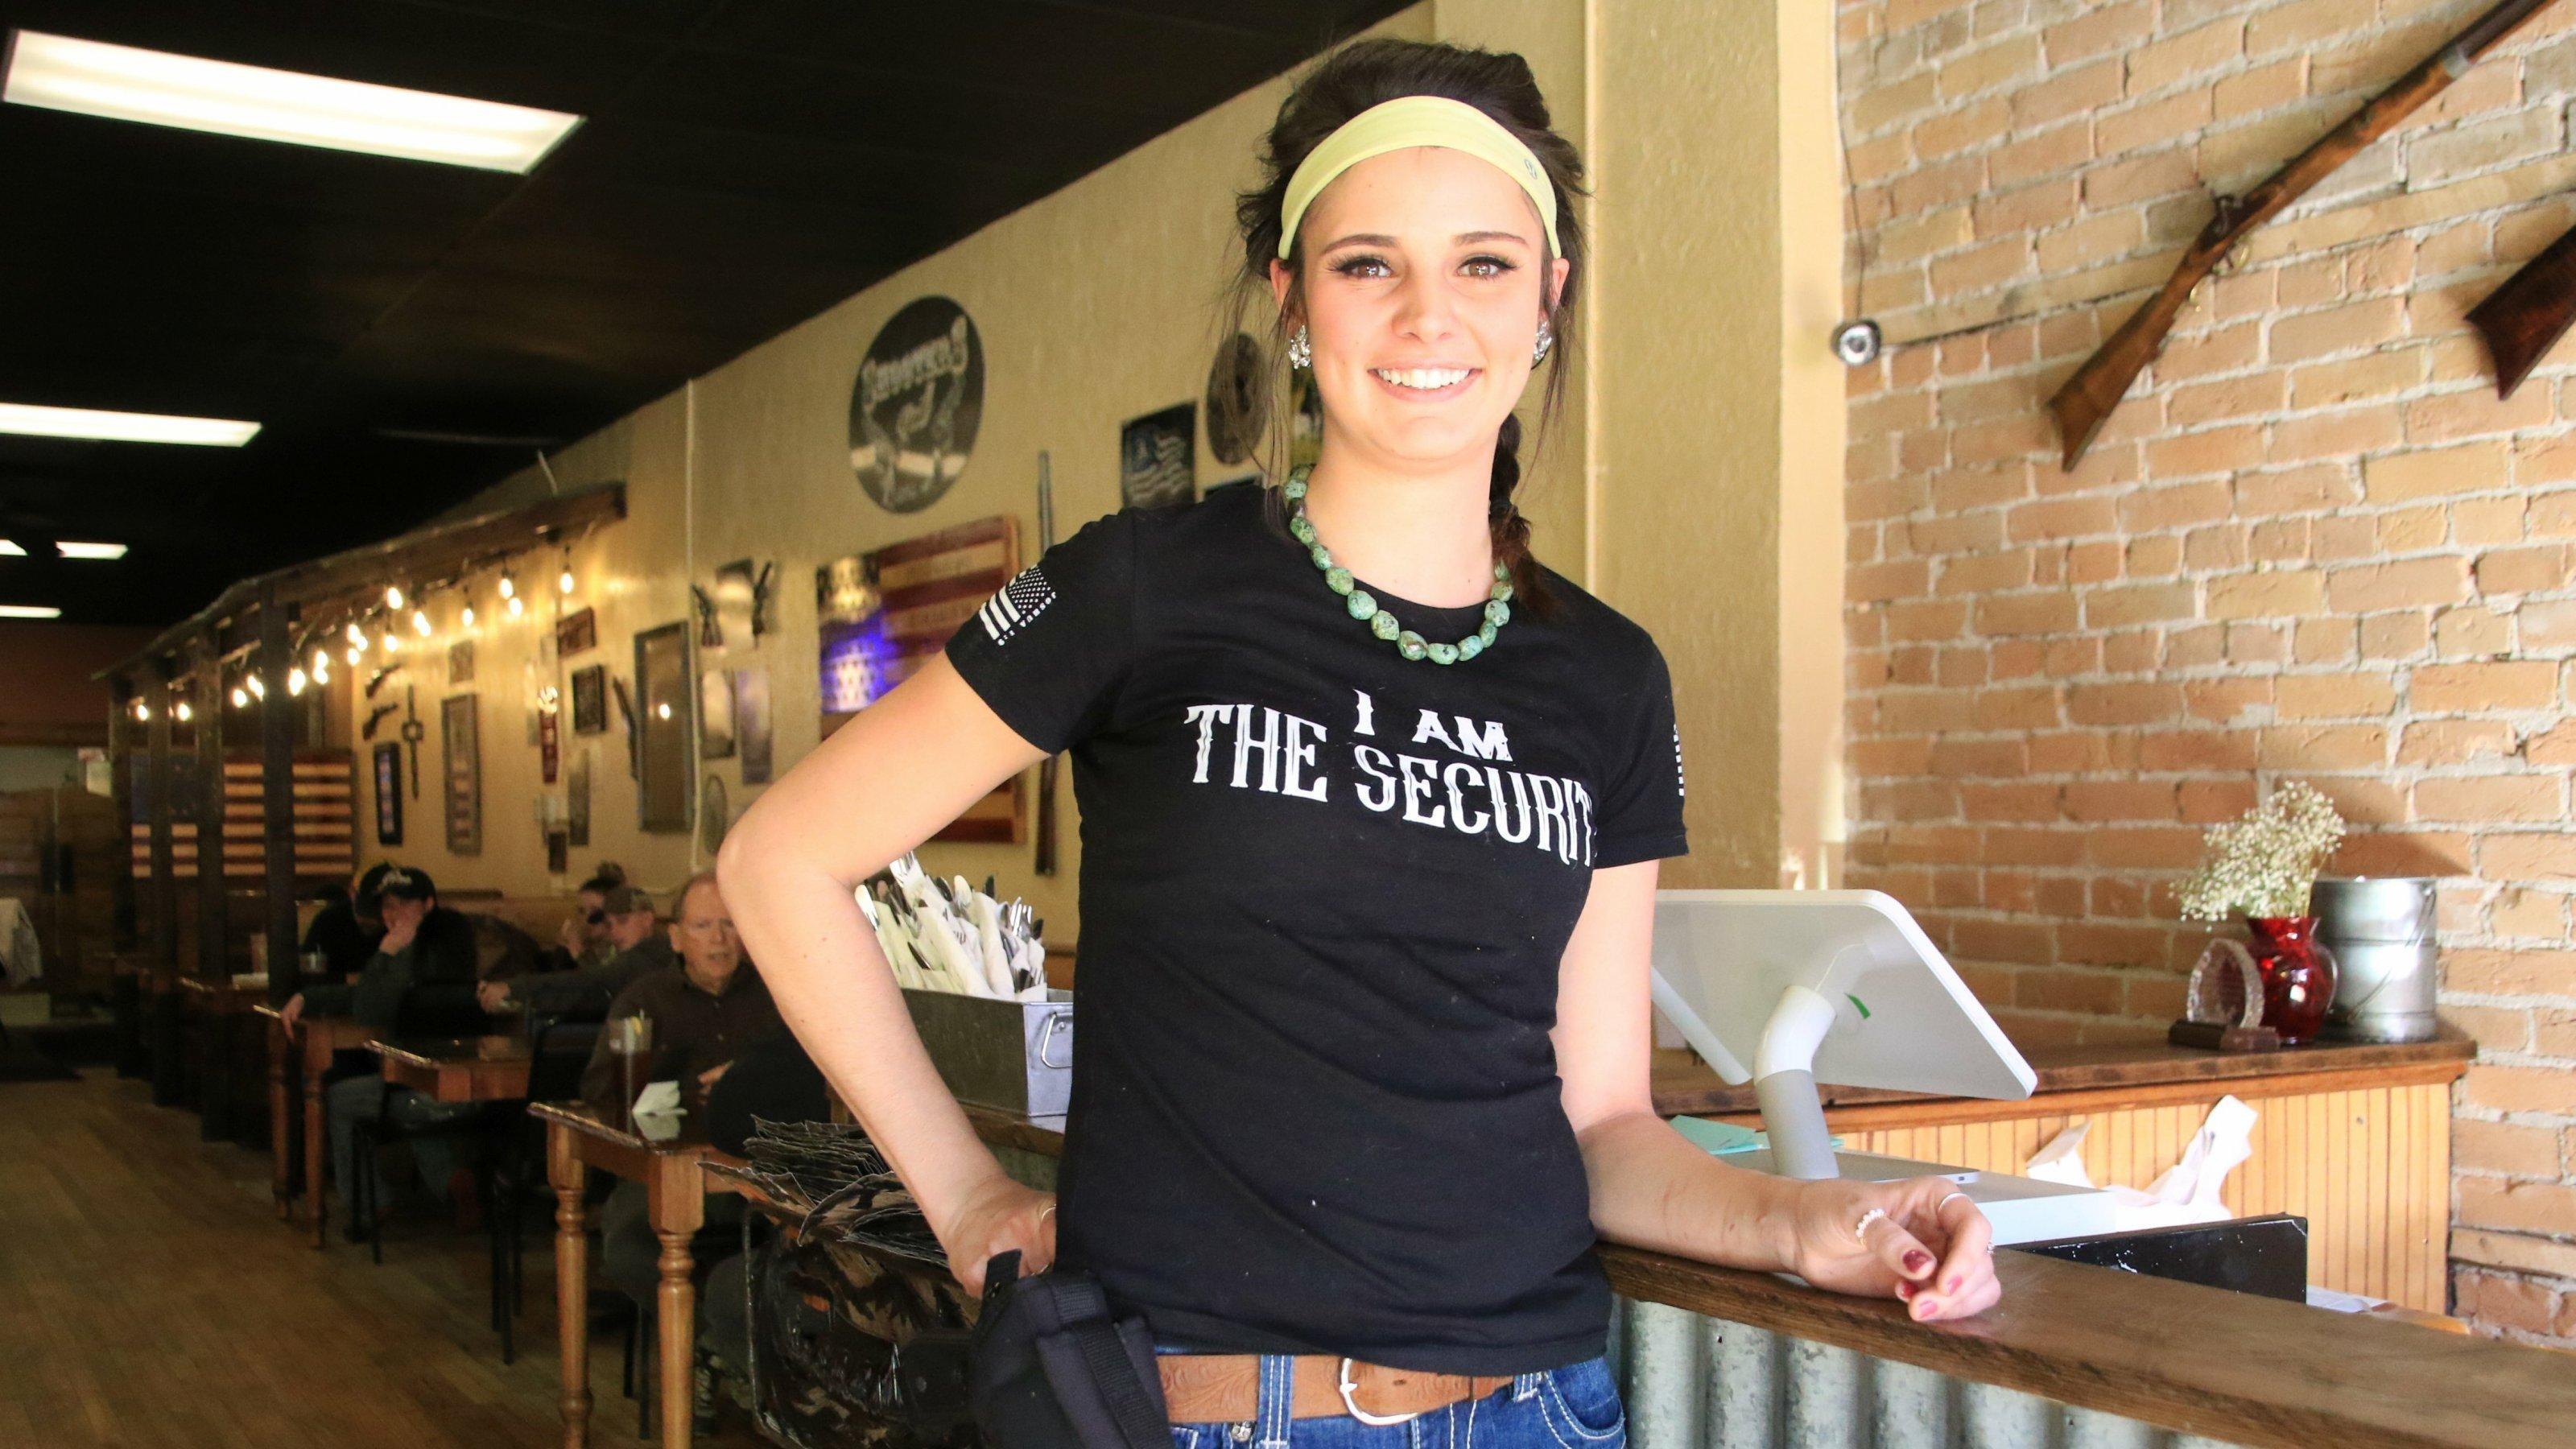 Eine junge Frau, die eine Pistole am Gürtel trägt, lehnt an einem Tresen. In Hintergrund hängen Gewehre.